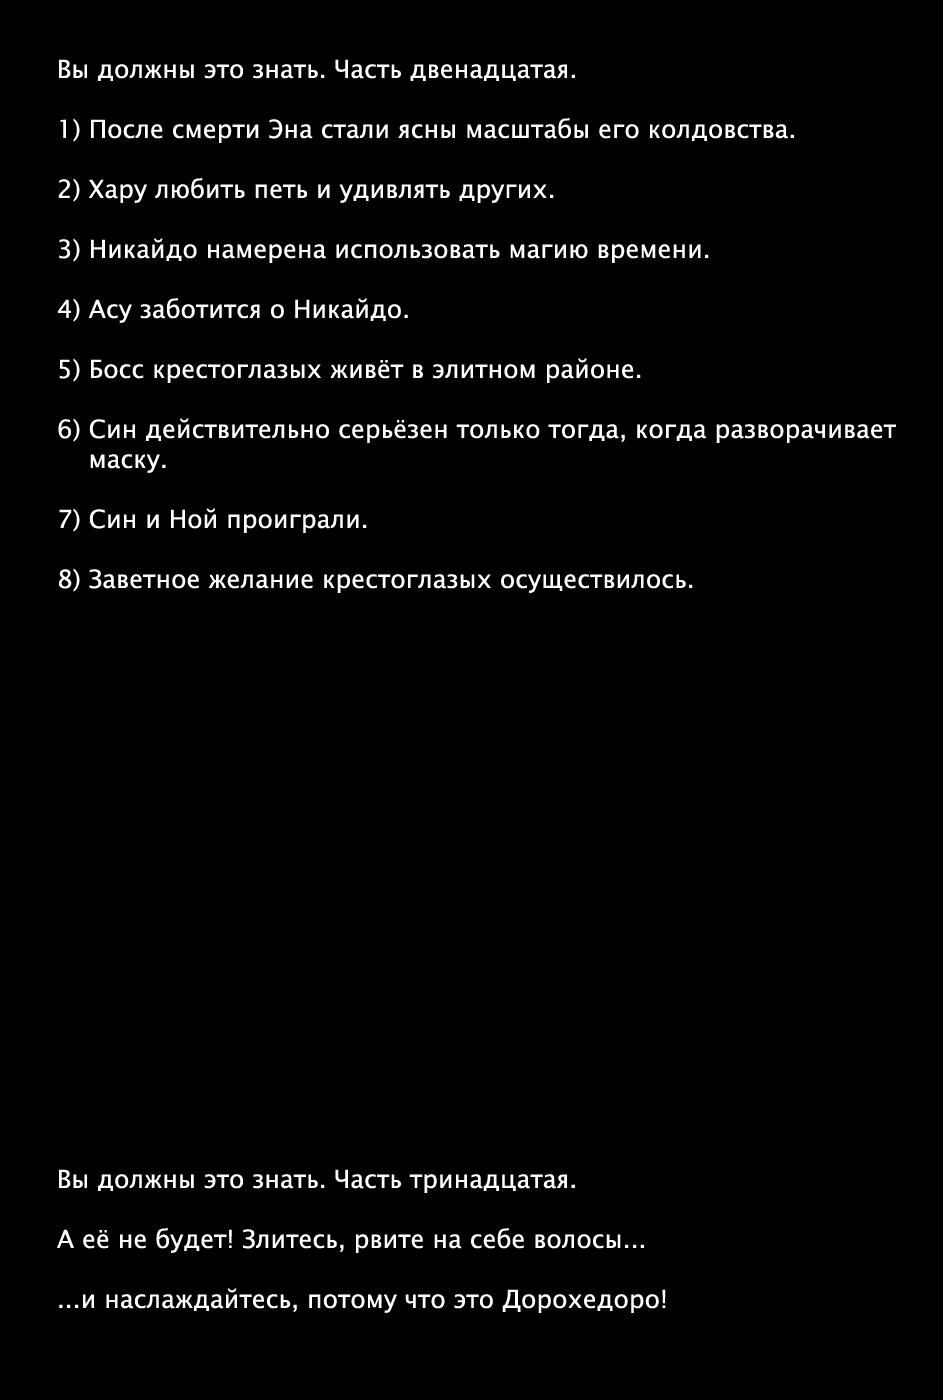 Манга Дорохедоро / Dorohedoro - Том 12 Страница 18